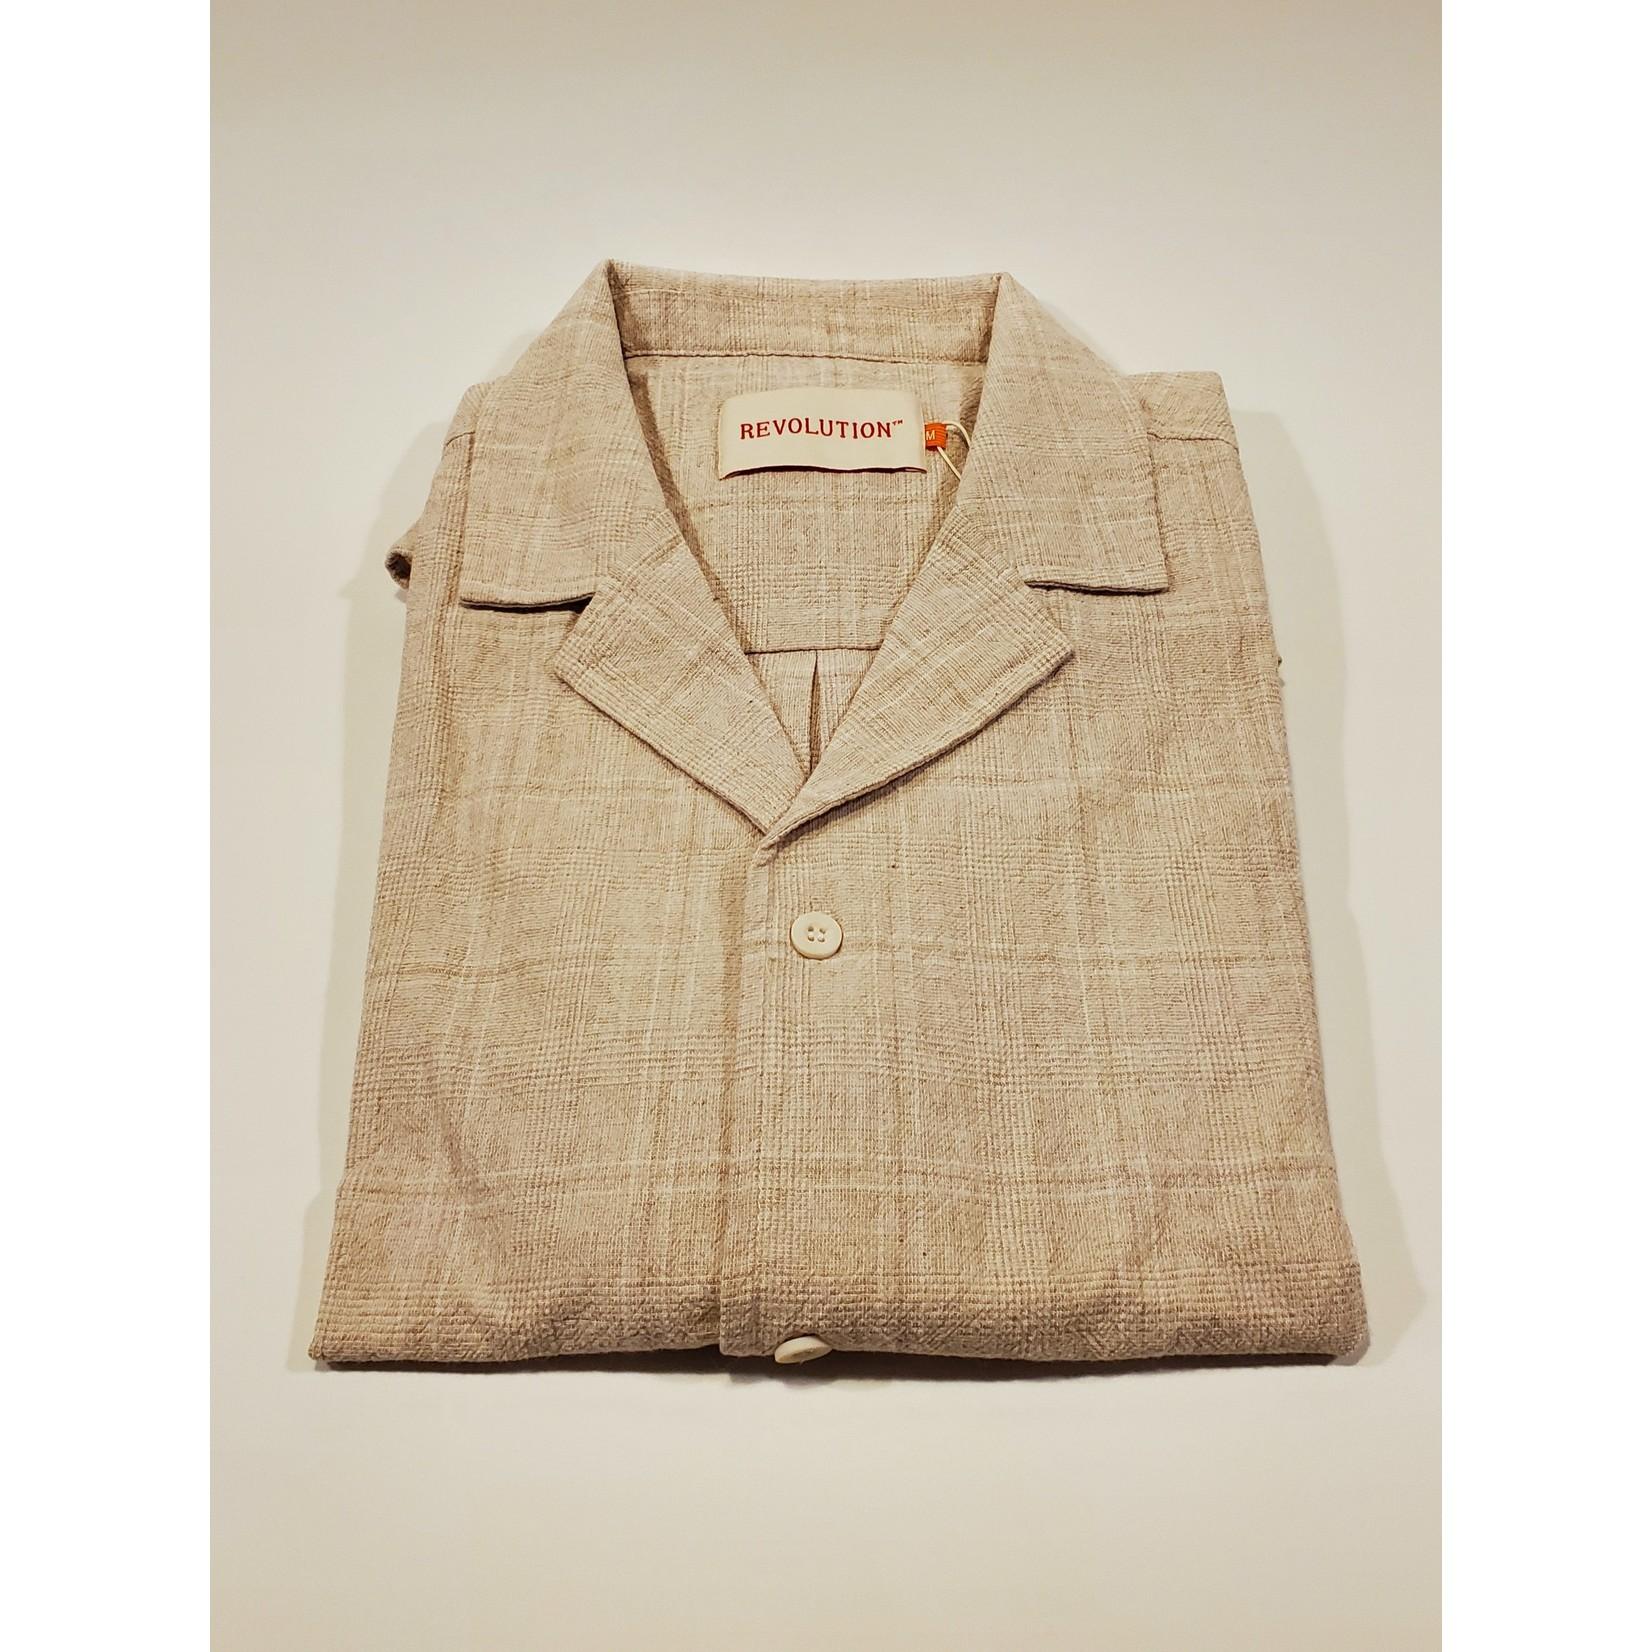 RVLT Revolution RVLT 3809 Short-Sleeve Off-White Cuban Shirt